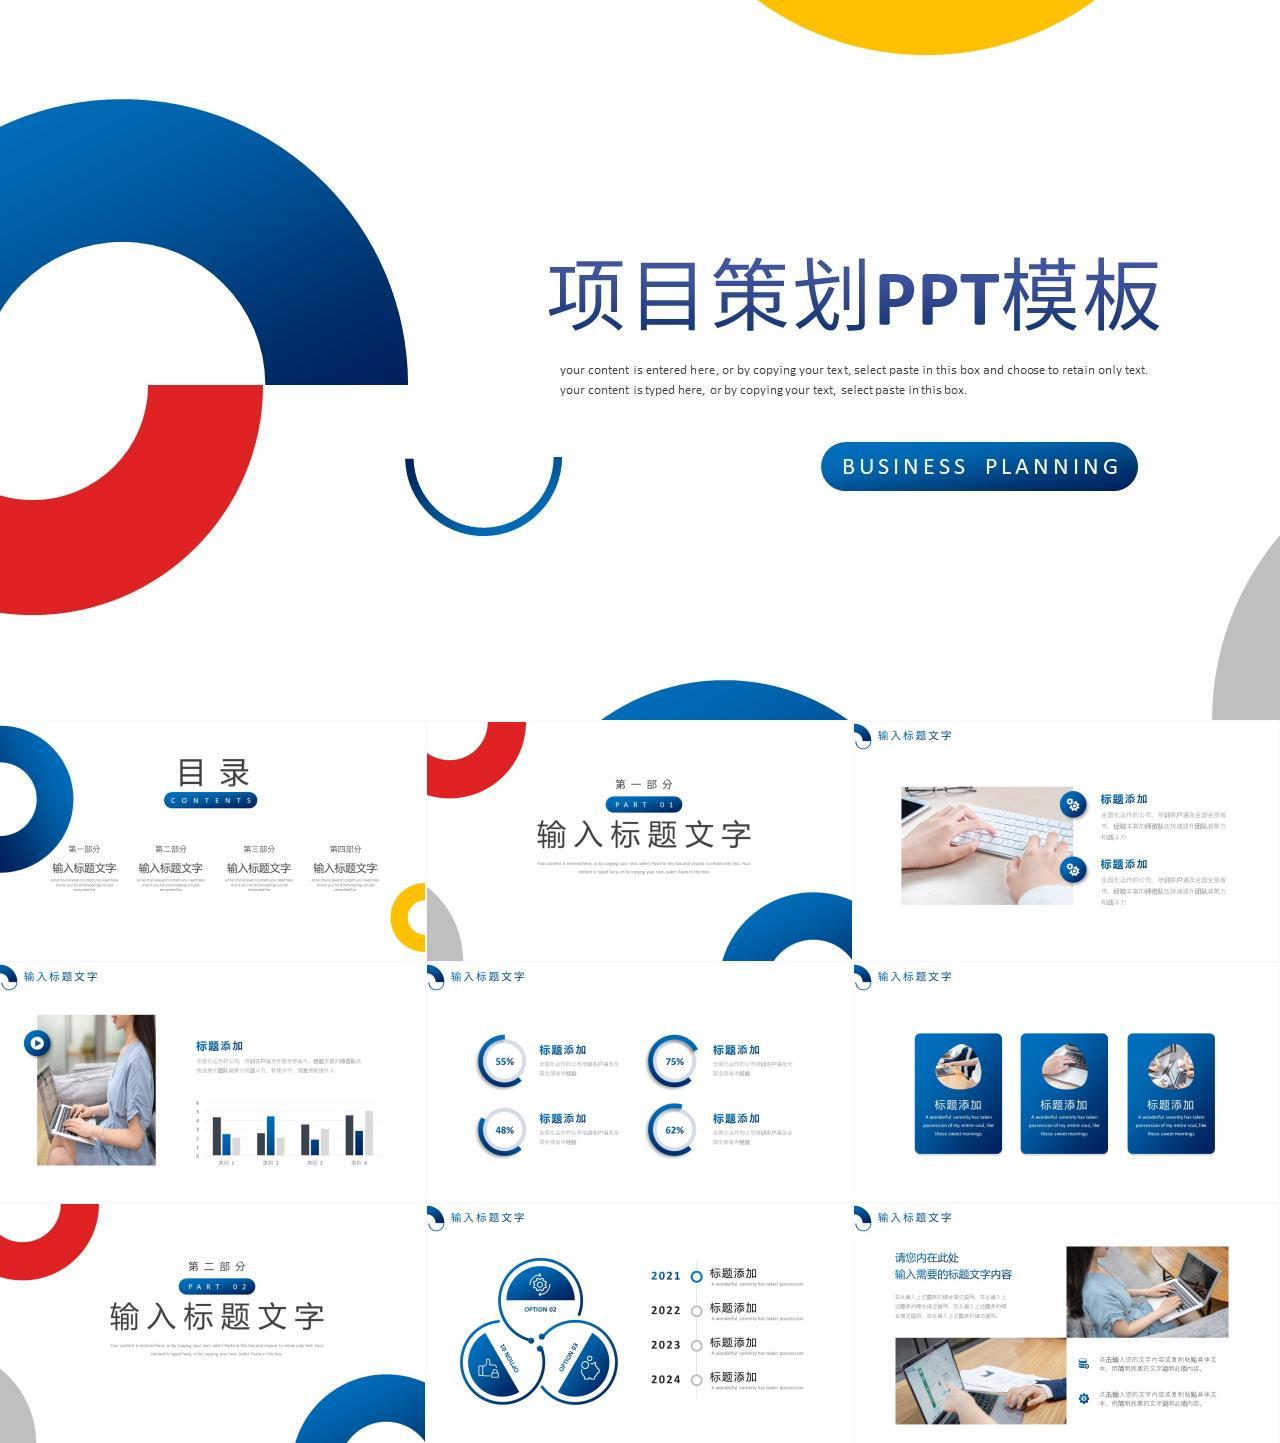 蓝色圆环项目策划 商业计划书PPT模板